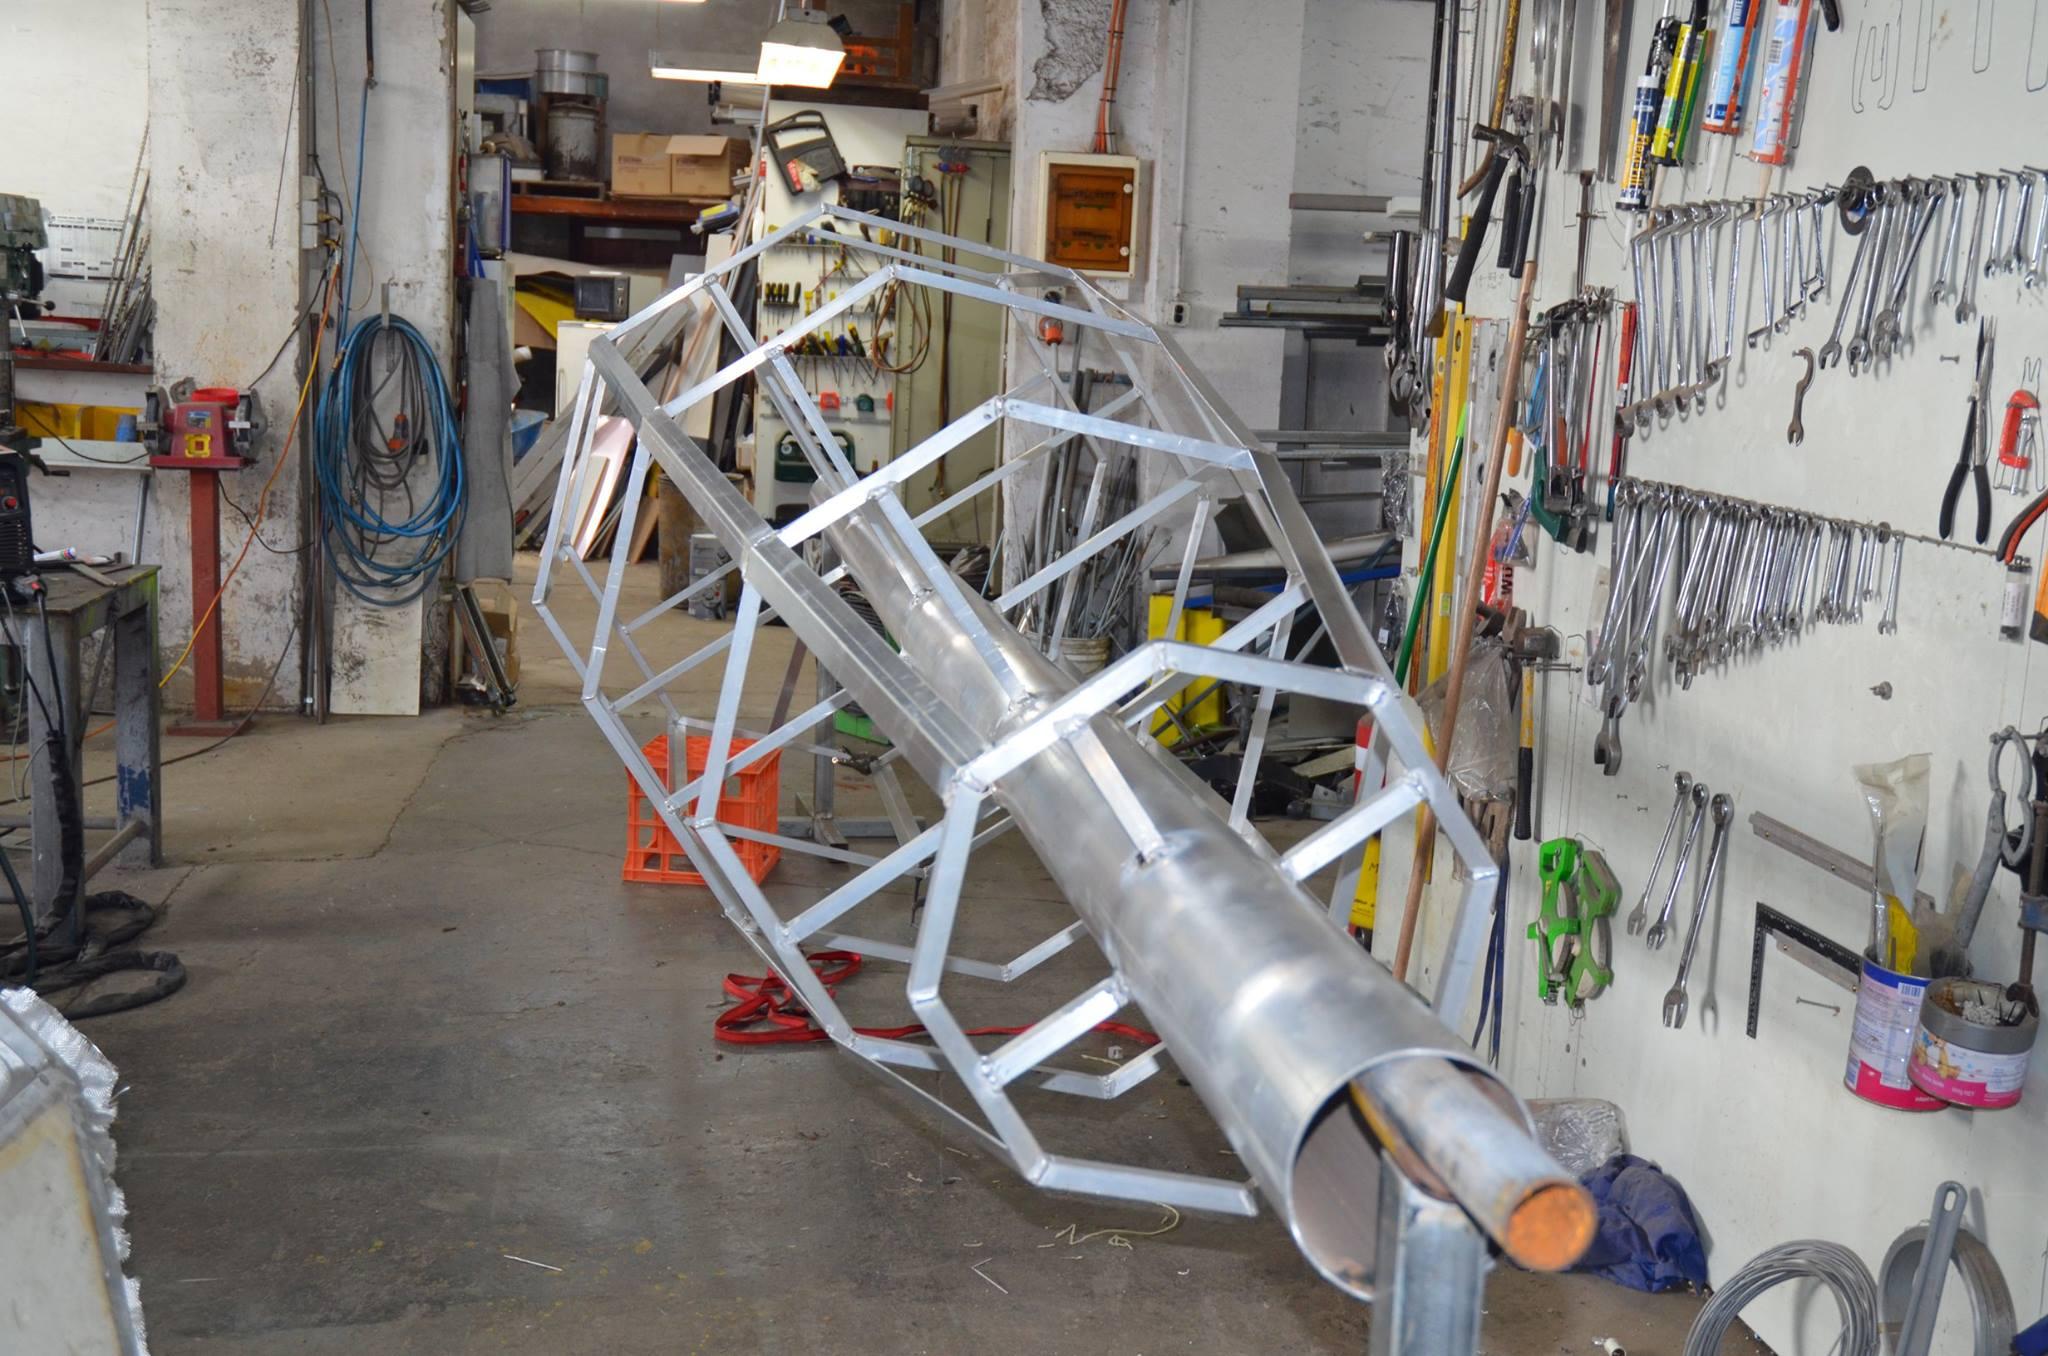 Largest Amateur Rocket 14